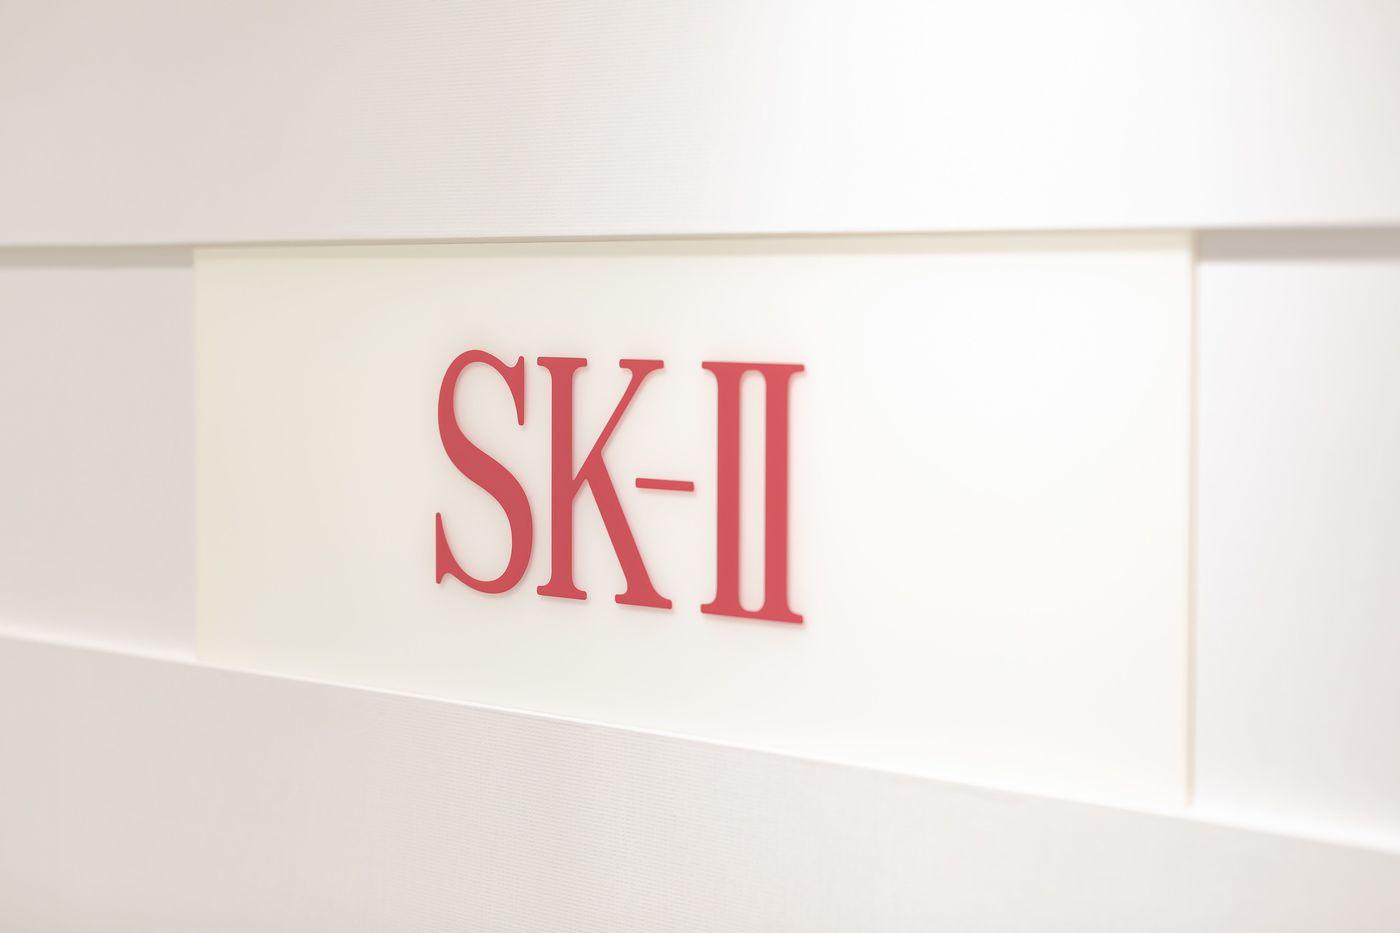 肌年齢vs実年齢?知れば知るほど楽しいSK-IIの肌チェック!の9枚目の画像